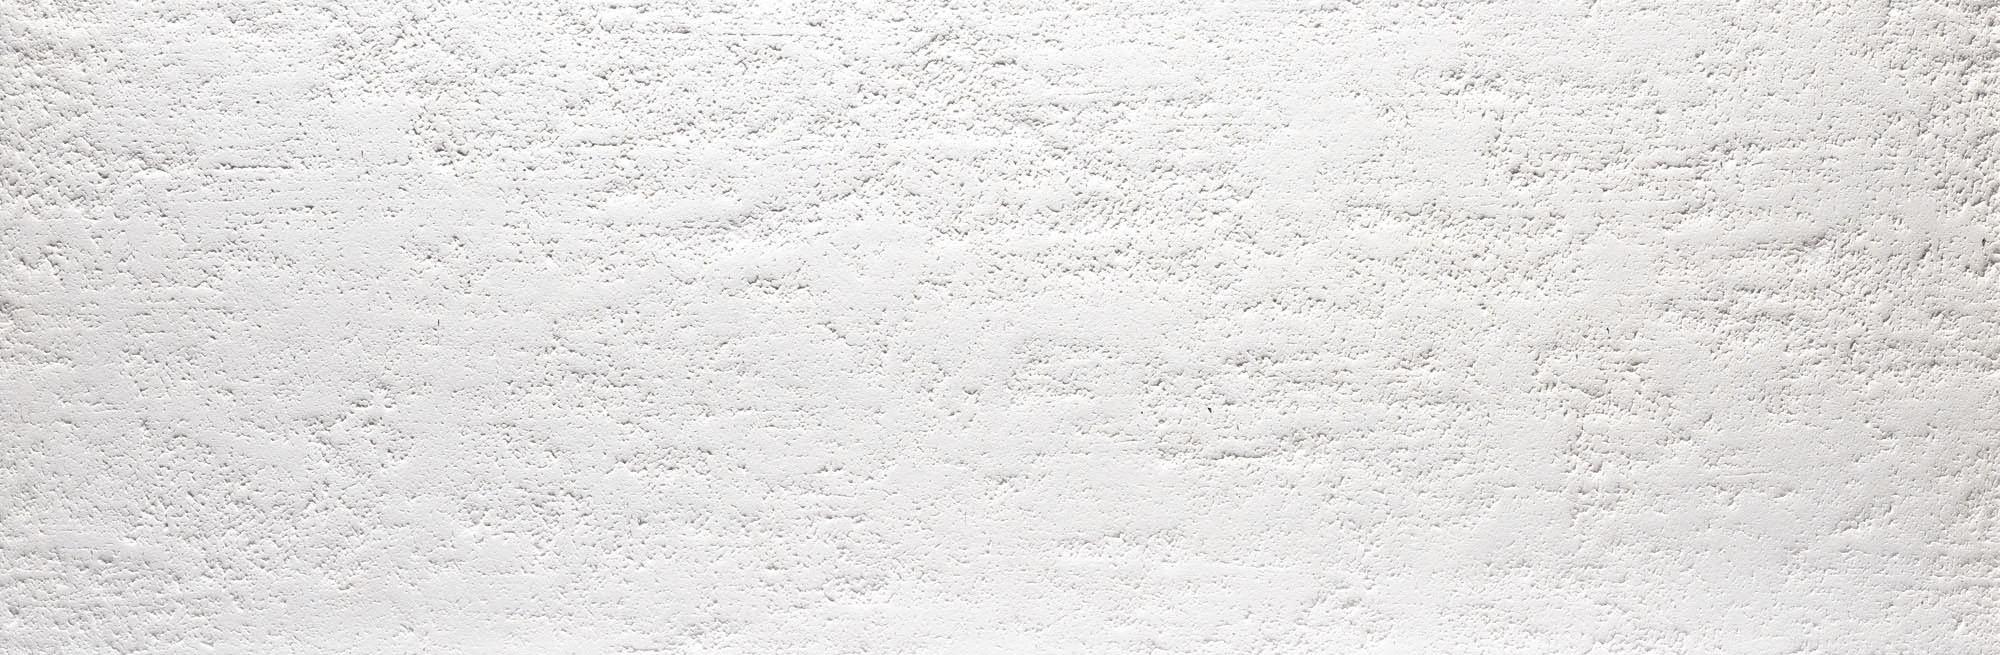 K717009180, Essence, Valkoinen, lattia,pakkasenkesto